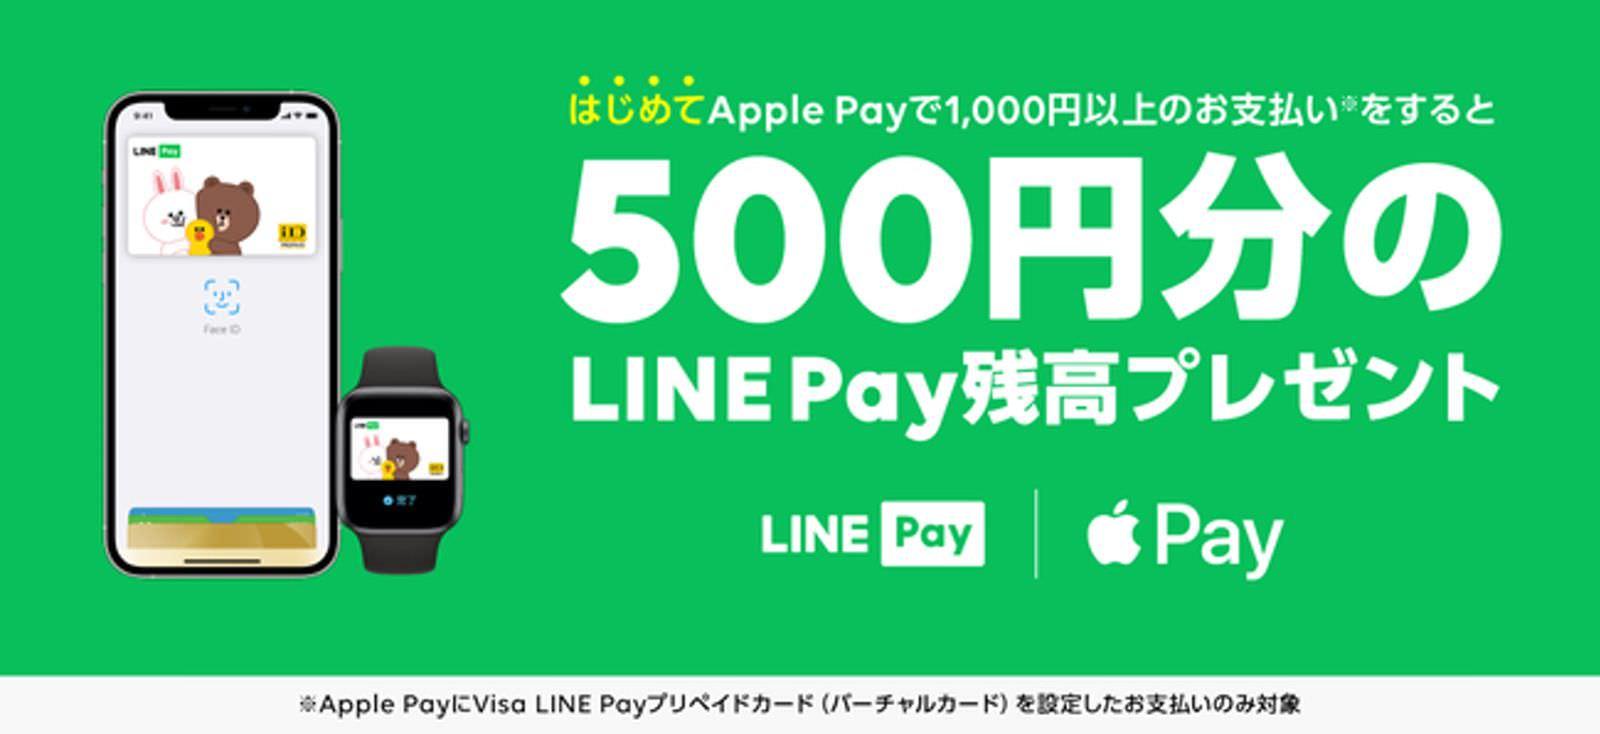 Line Pay 500yen back campaign 0000